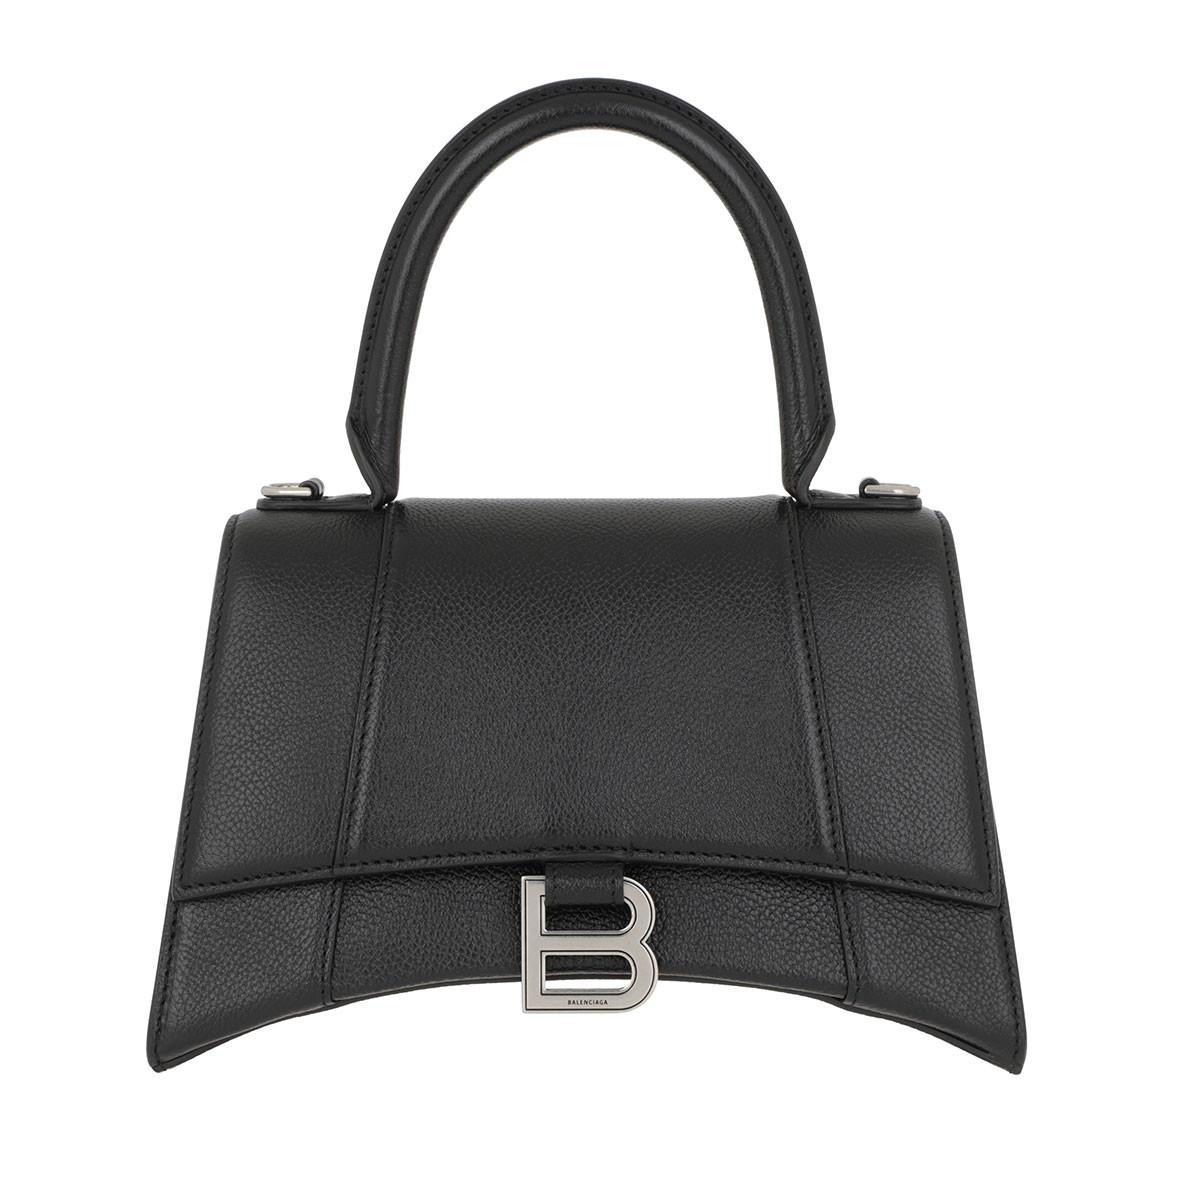 Balenciaga Umhängetasche - Hourglass XS Handle Bag Black - in schwarz - für Damen